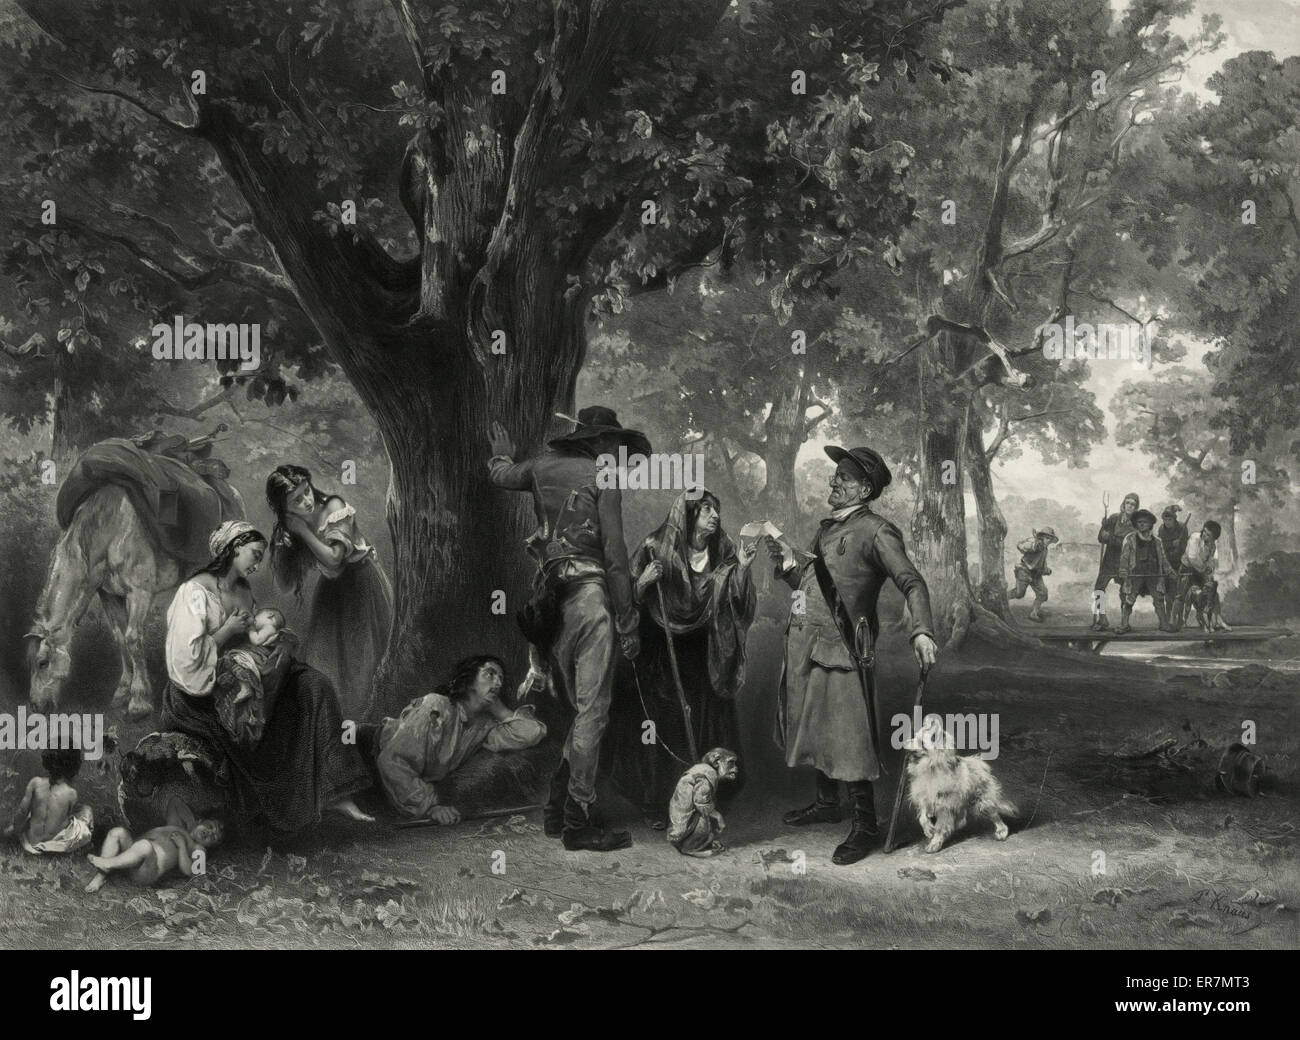 UN-Campement de Bohemiens. Stockbild